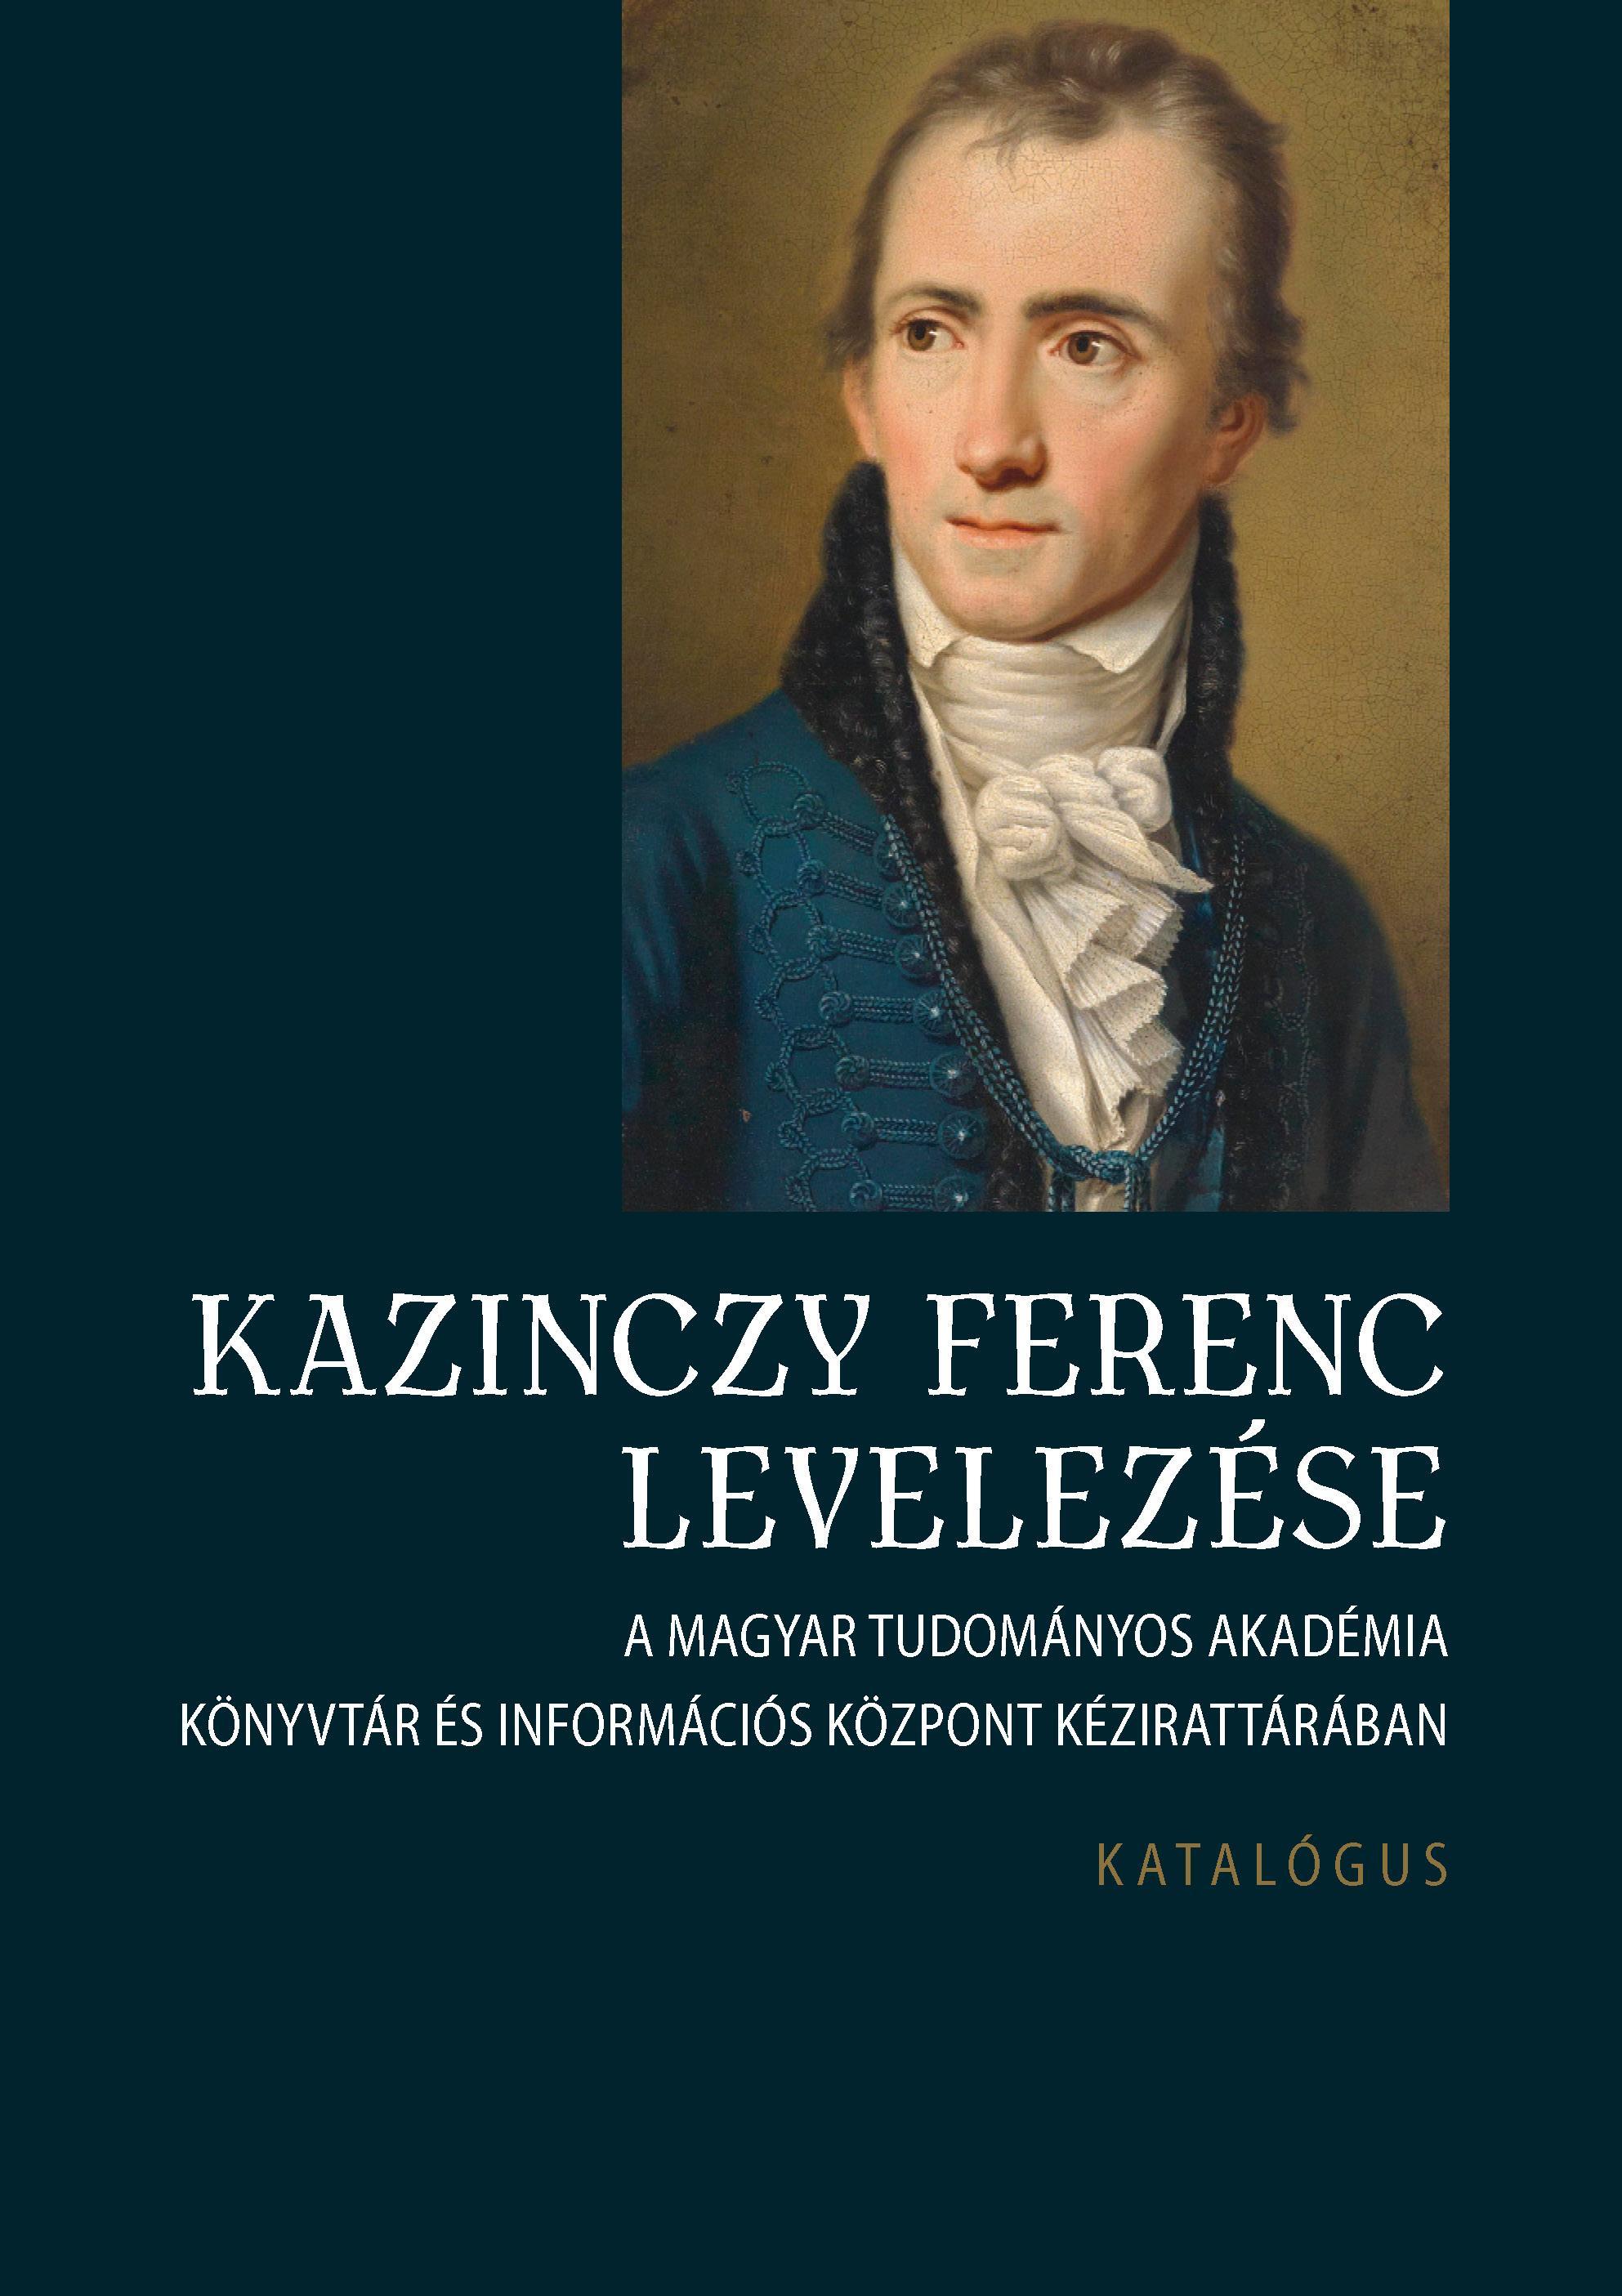 KAZINCZY FERENC LEVELEZÉSE - KATALÓGUS